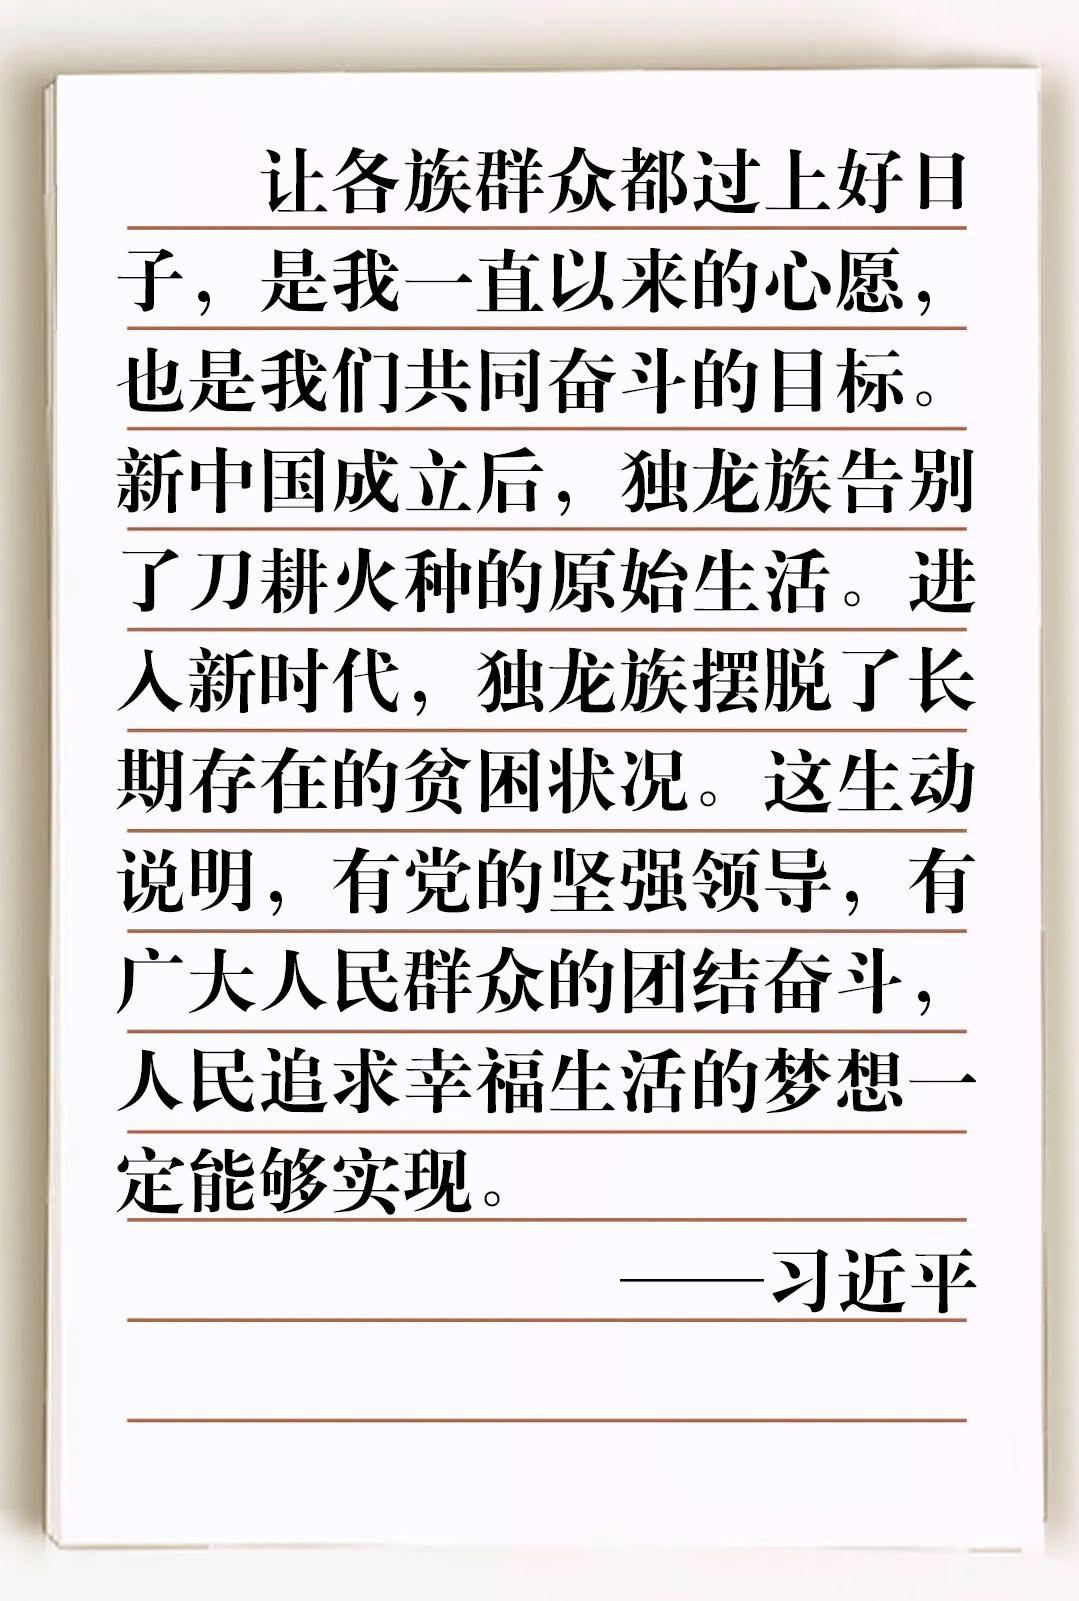 huixin.jpg